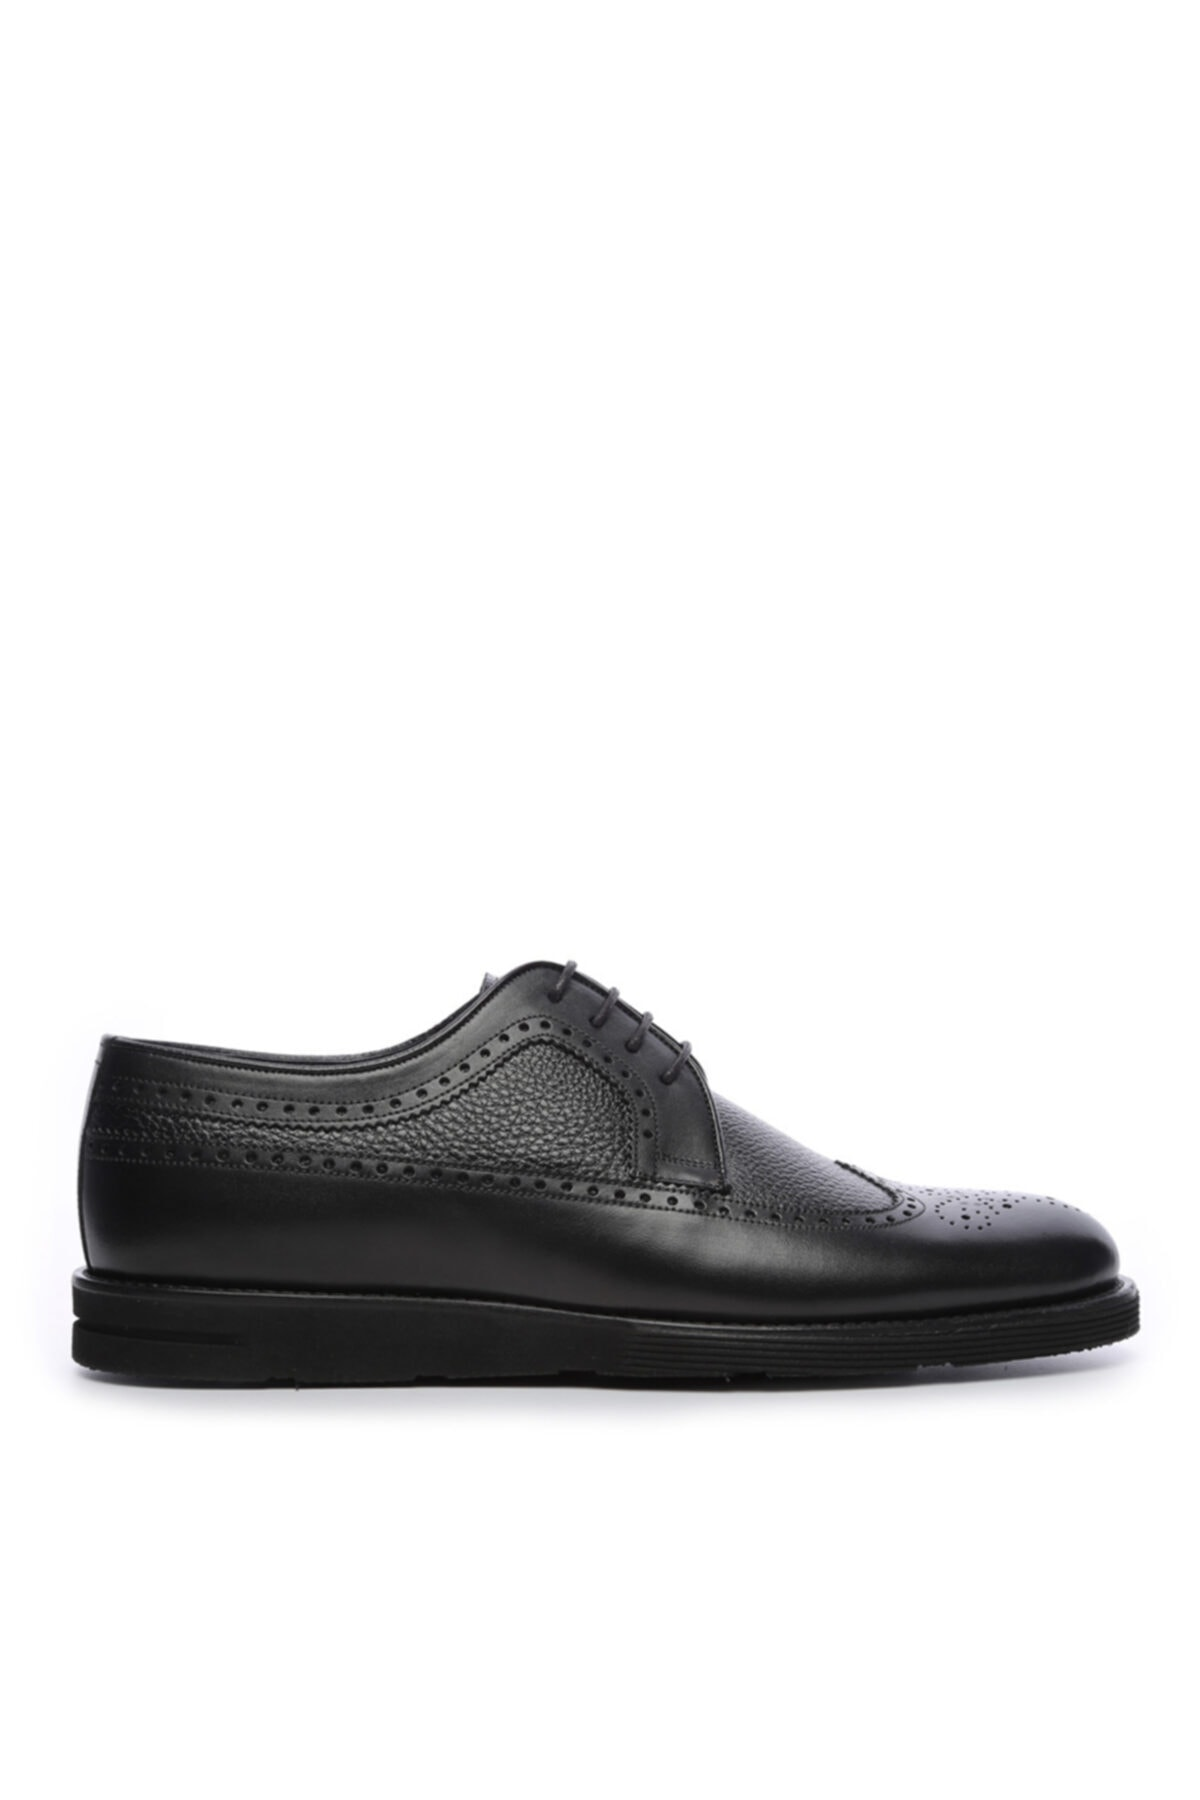 Erkek Derı Klasik Ayakkabı 183 13906 Ev Erk Ayk Y19